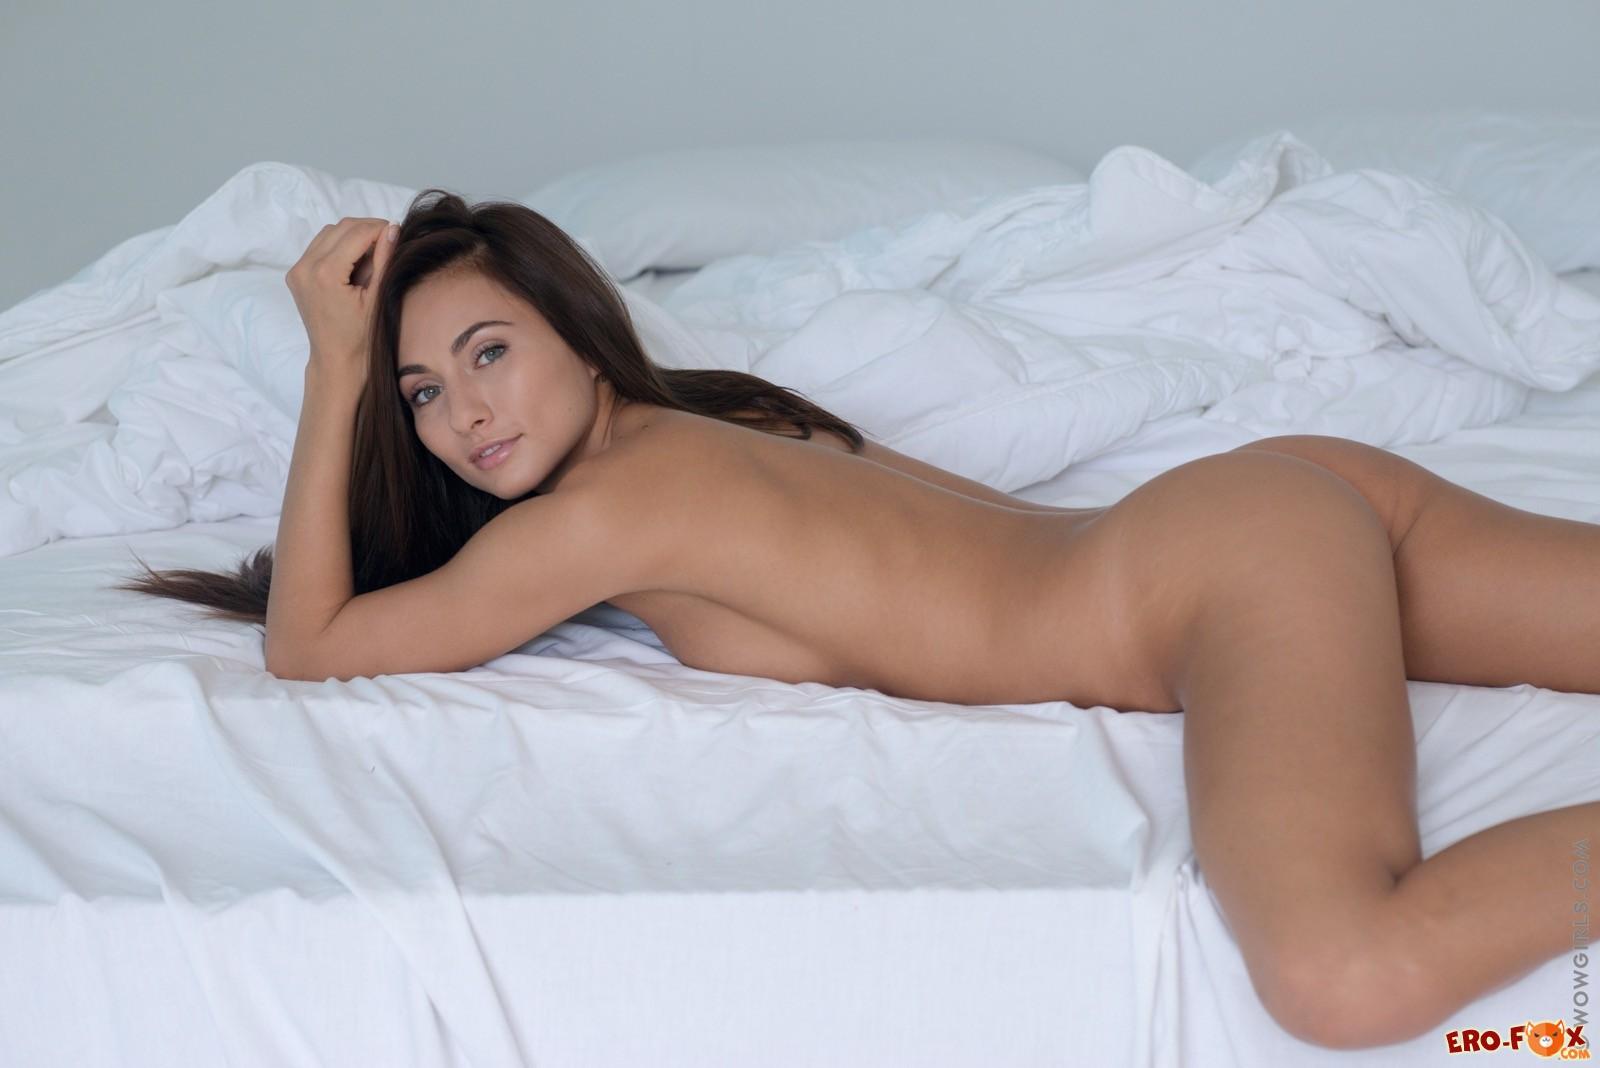 Девушка с загорелым телом голая на простынях